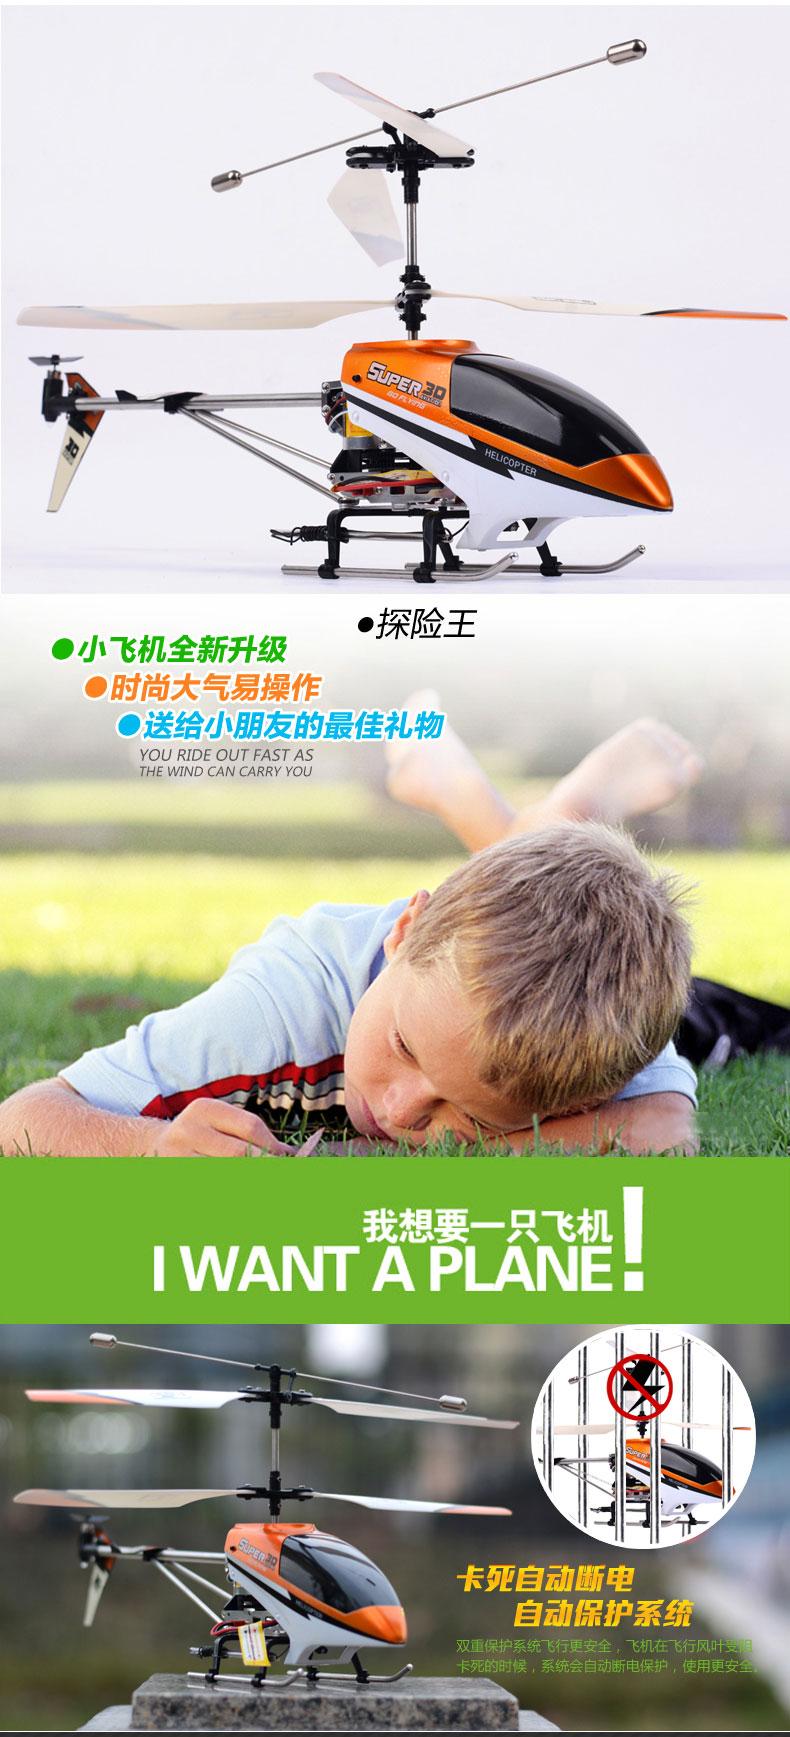 双马 探险王 遥控飞机 儿童男孩玩具 耐摔带陀螺仪 全国指定地区包邮